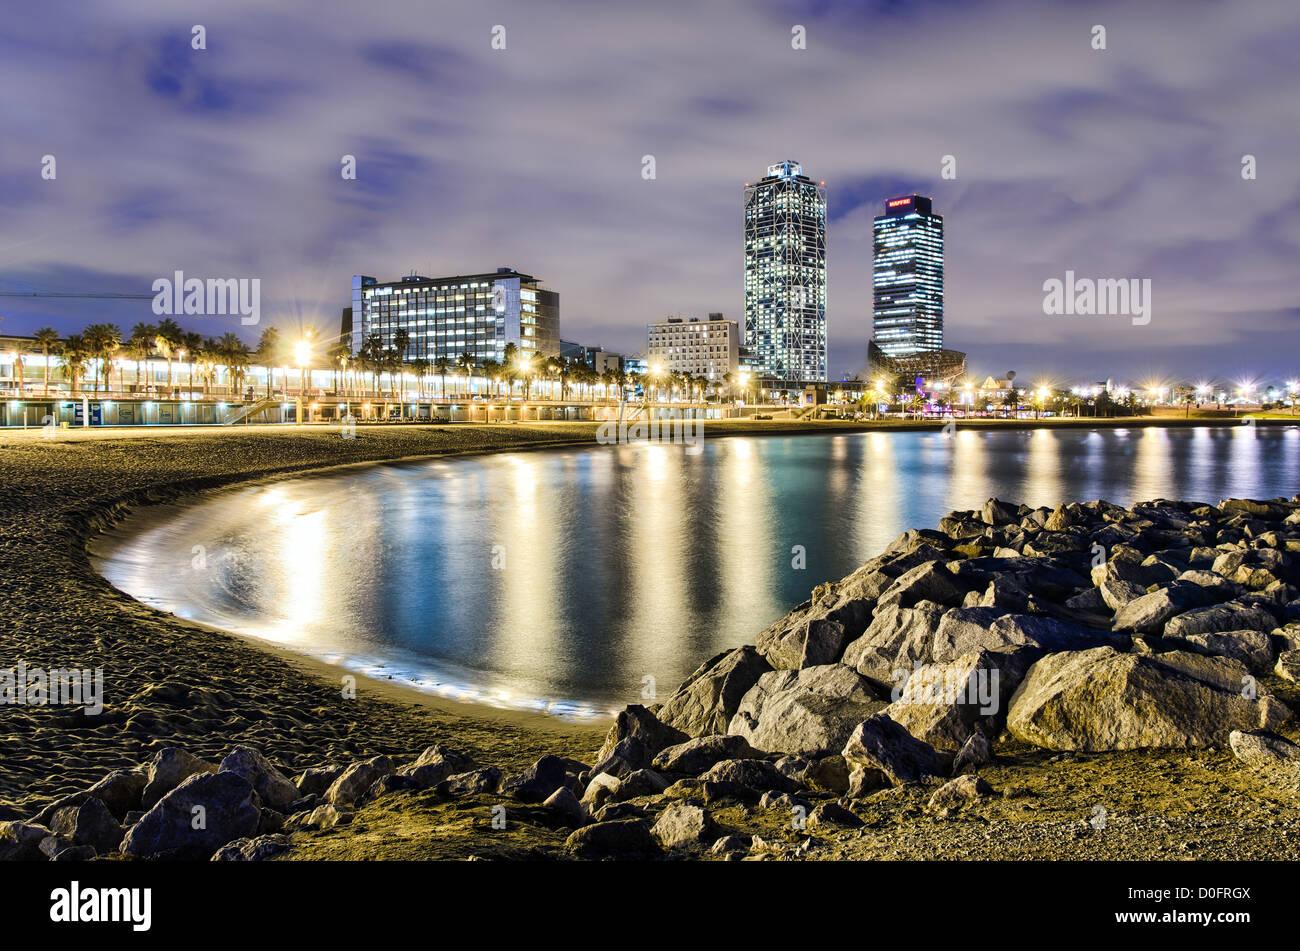 Küste von Barcelona in der Nacht mit Blick auf die Türme des Hotels, Spanien Stockfoto